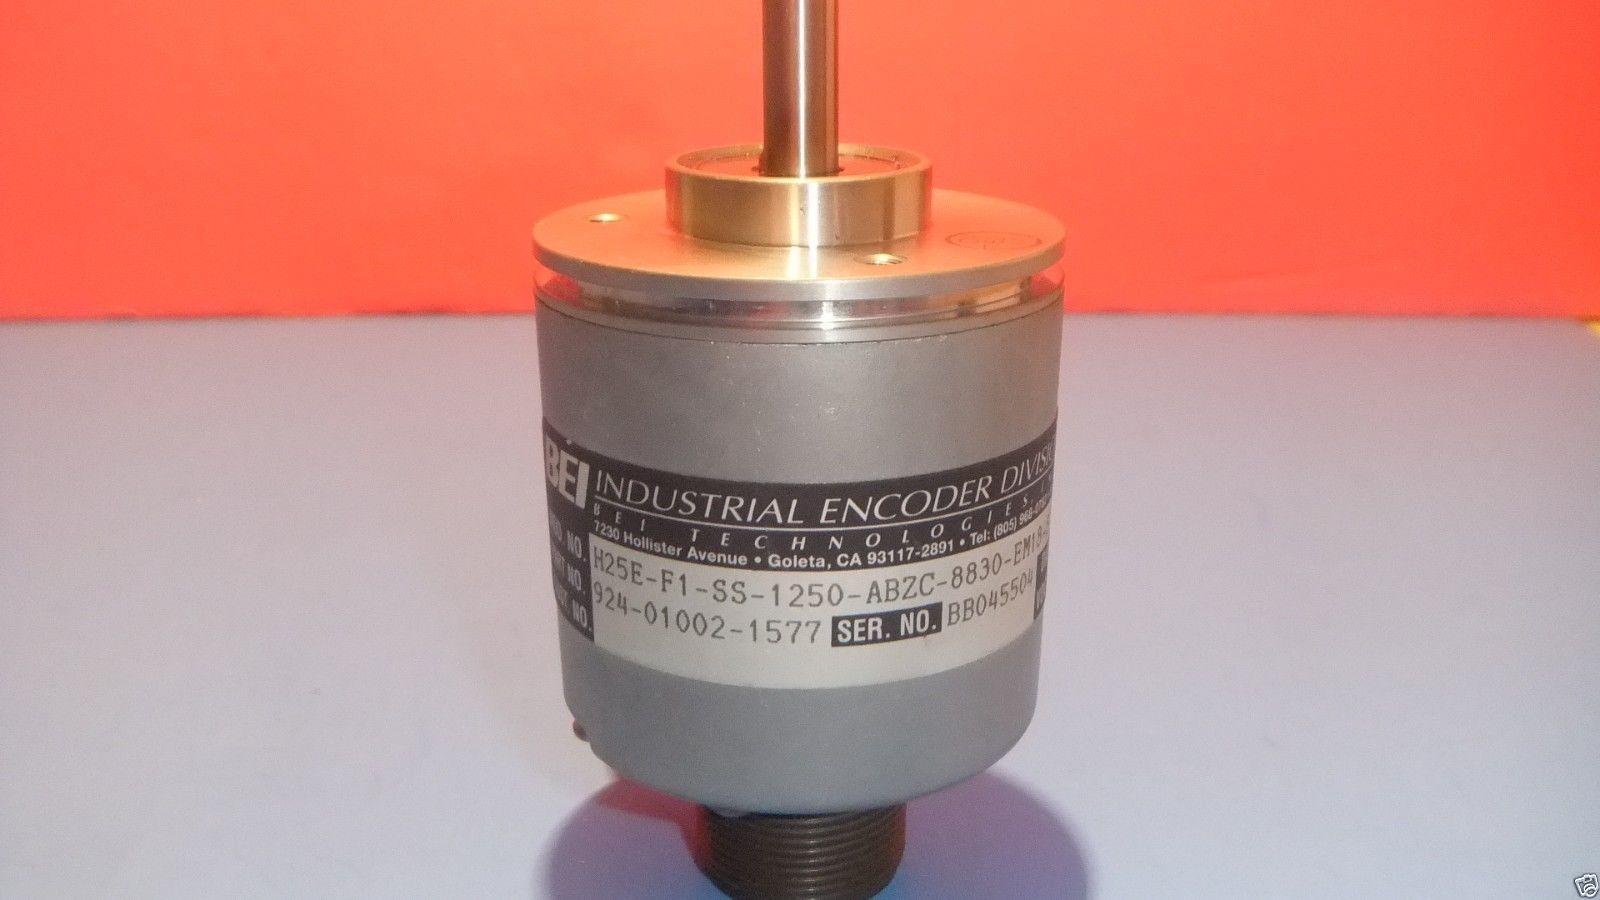 BEI H25E-F1-SS-1250-ABZC-8830-EM18-S ROTARY ENCODER